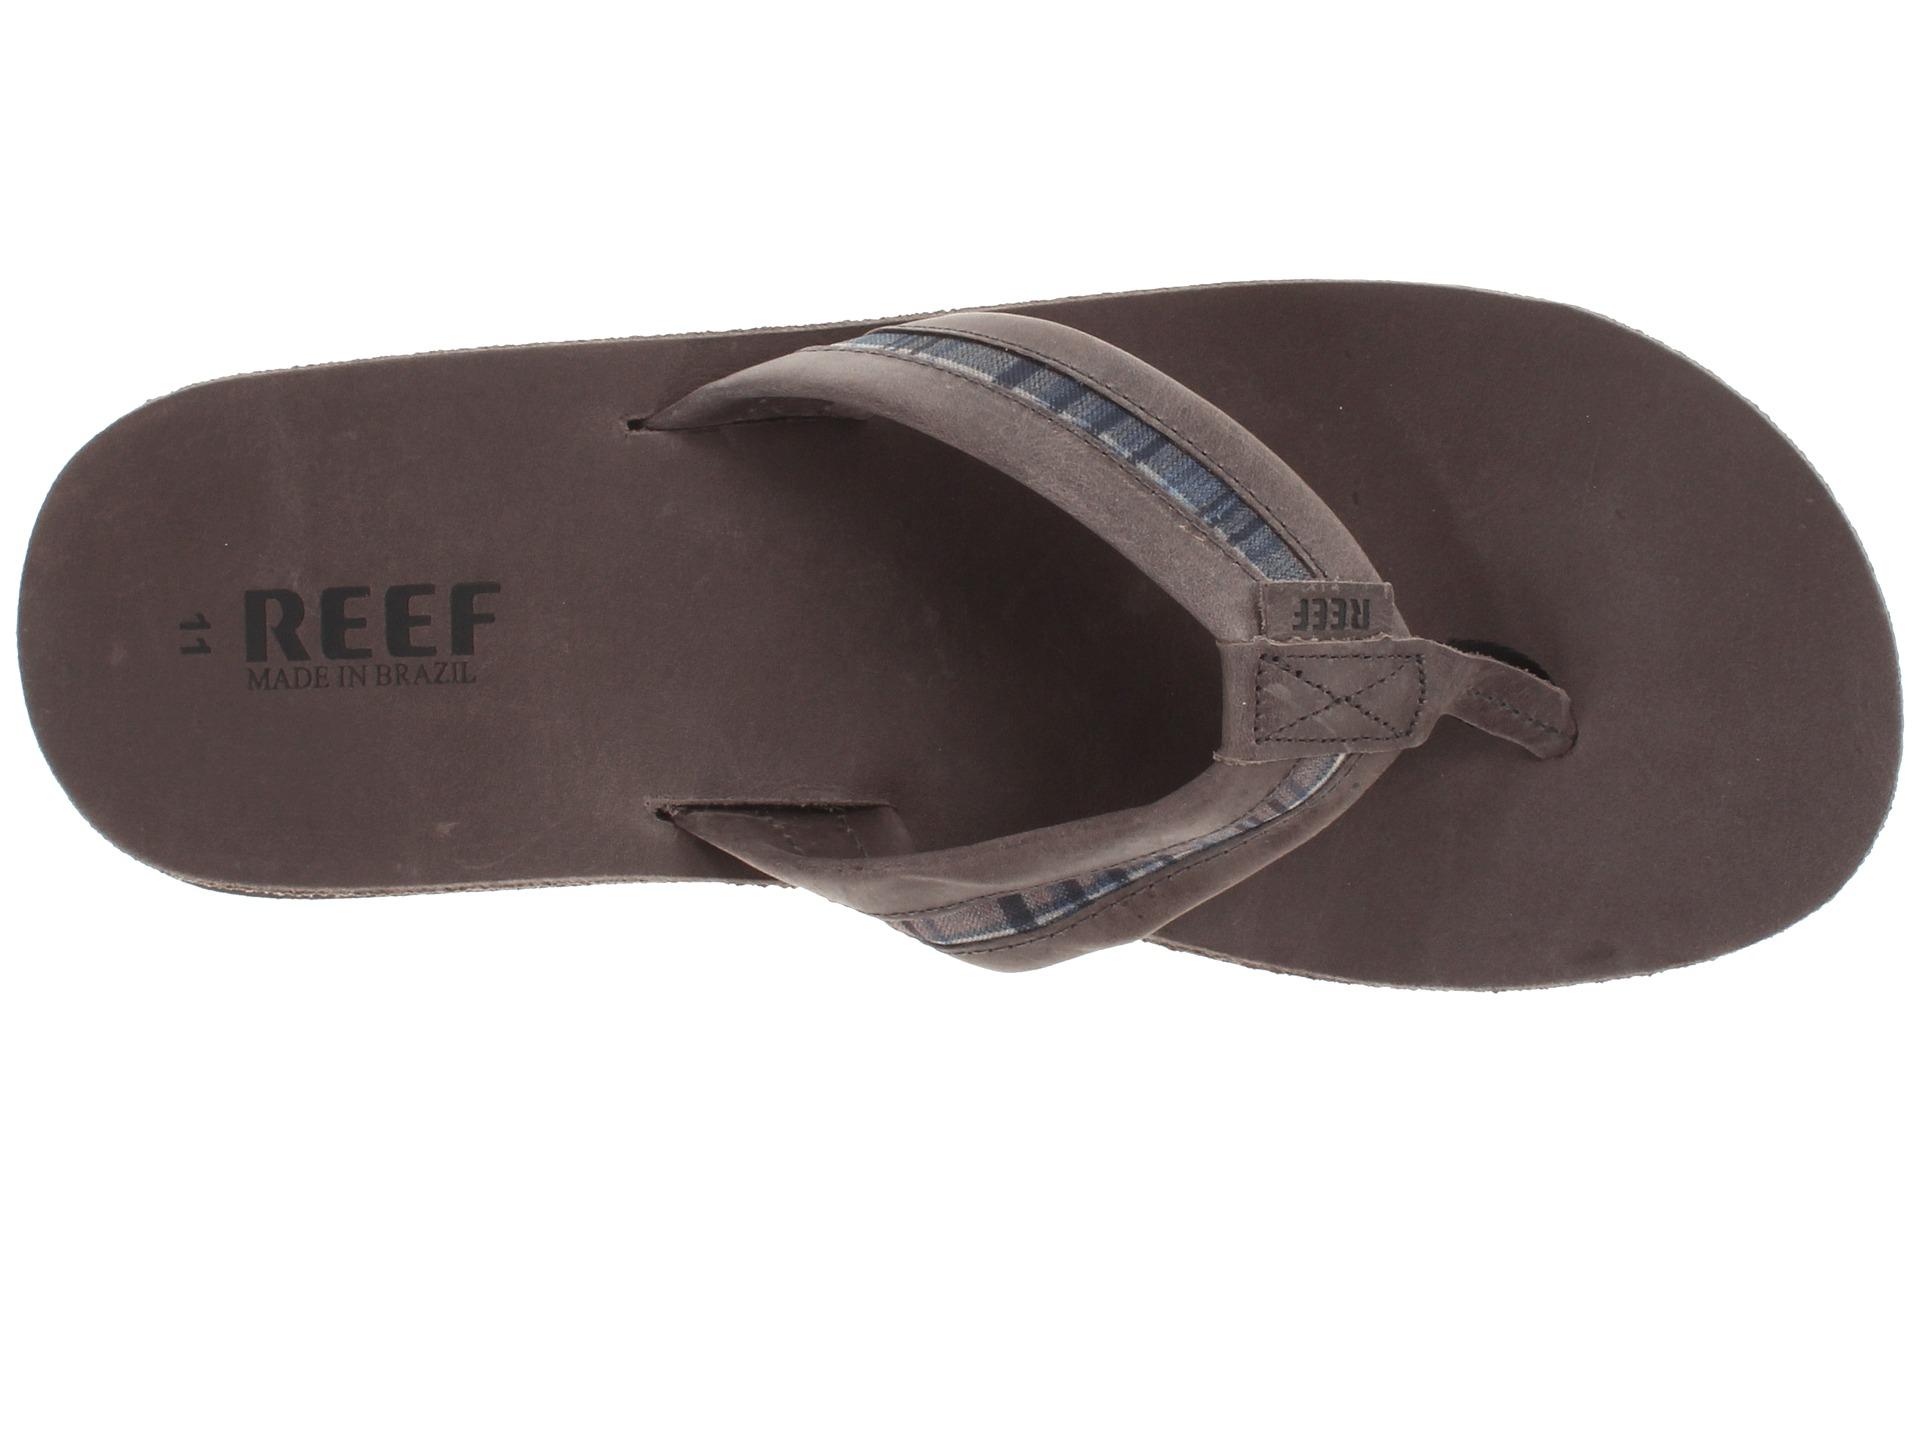 Reef Sandals Models ~ Outdoor Sandals